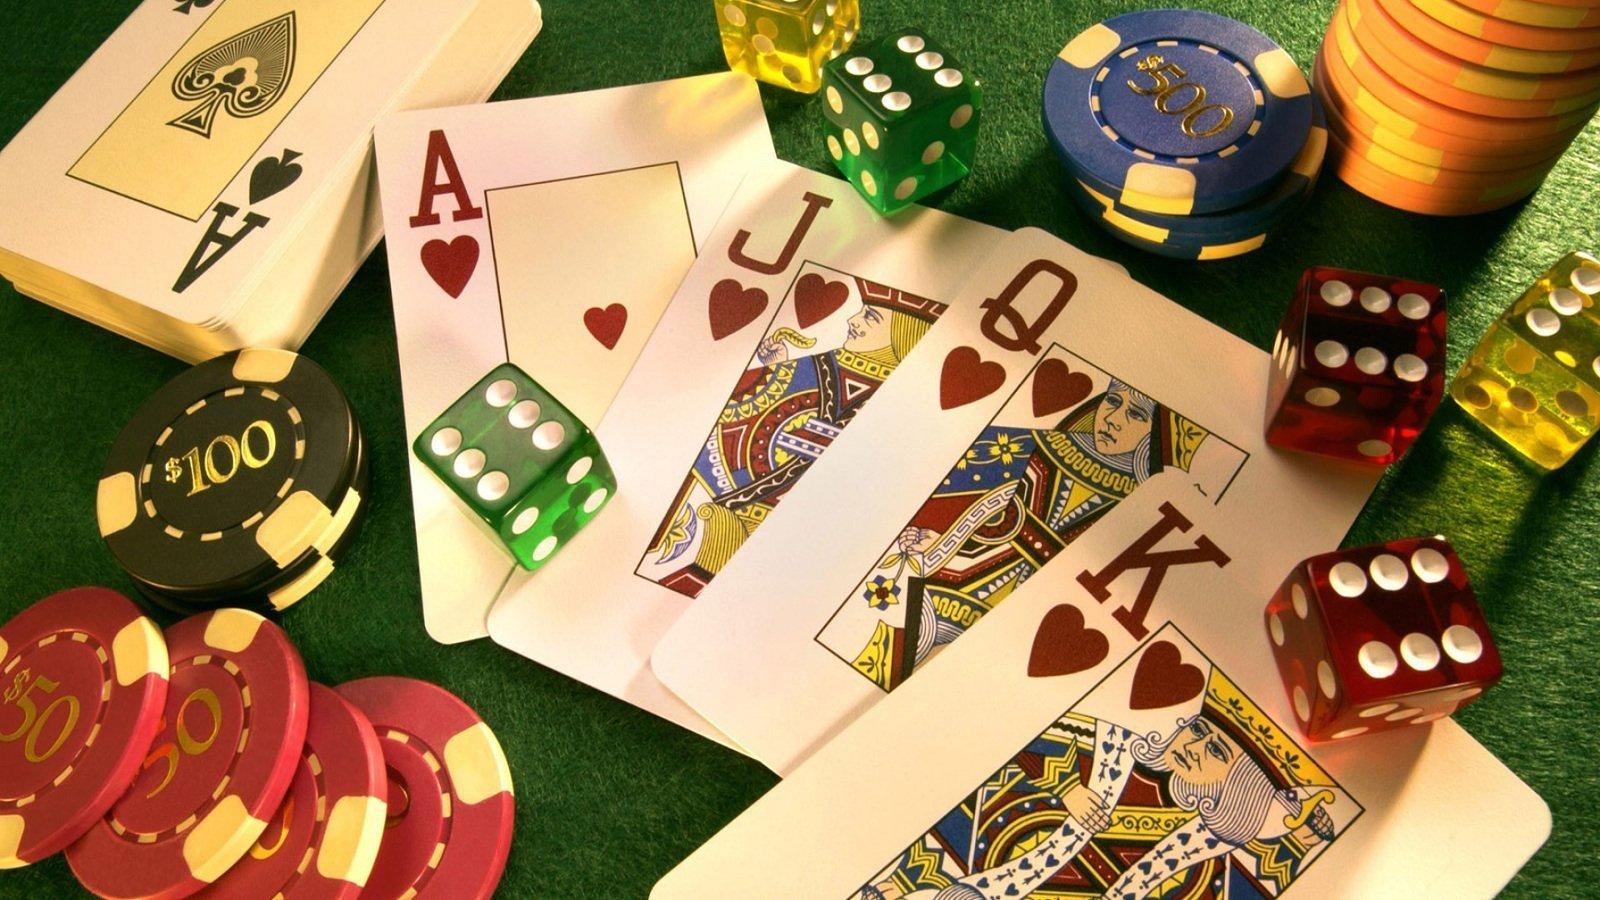 SPOT wet op de kansspelen